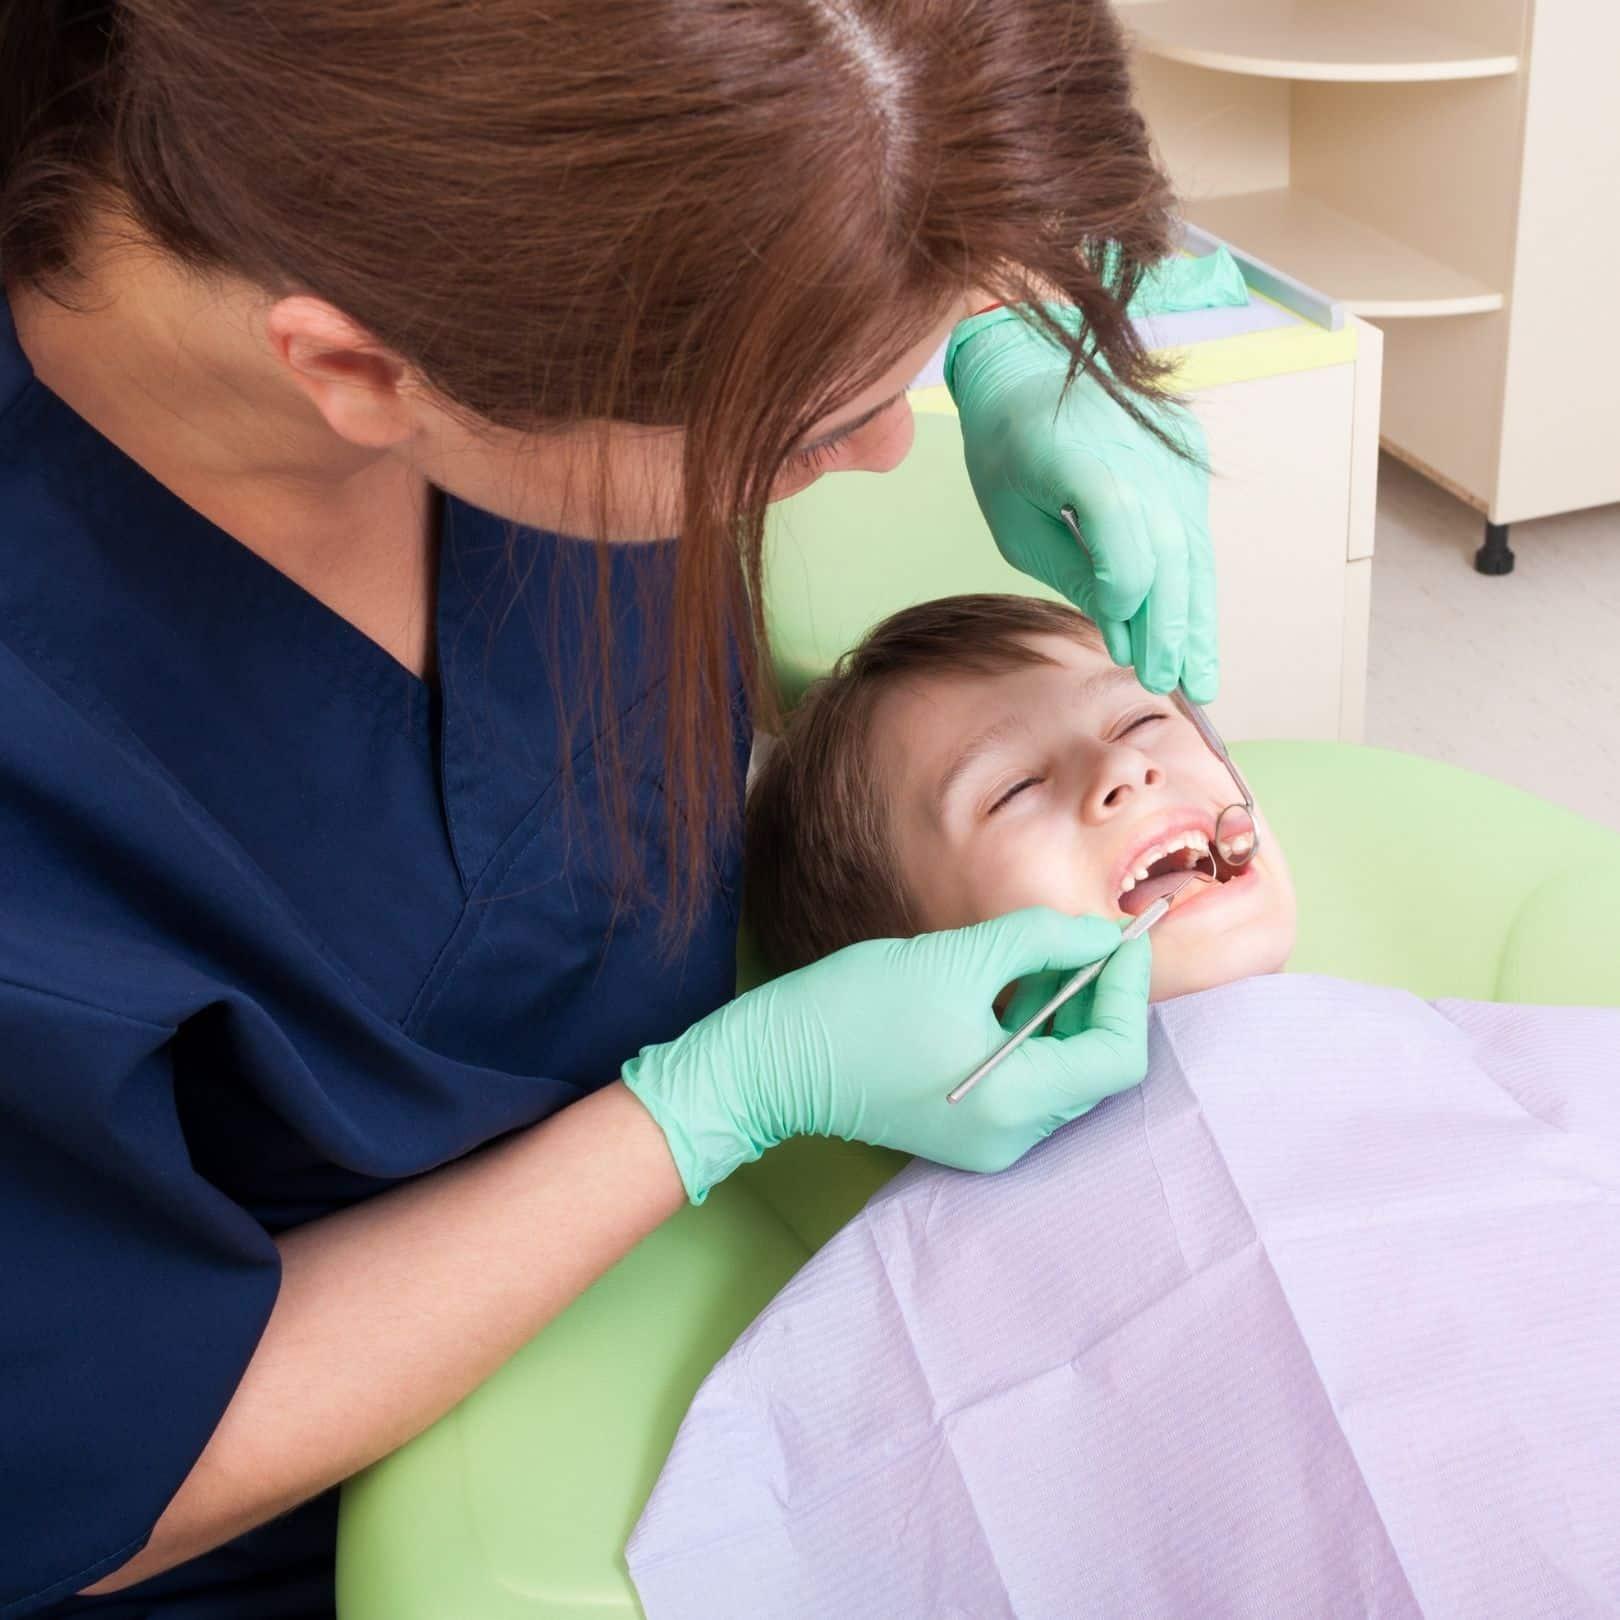 ¿Cuándo debe realizarse la primera visita al odontólogo?